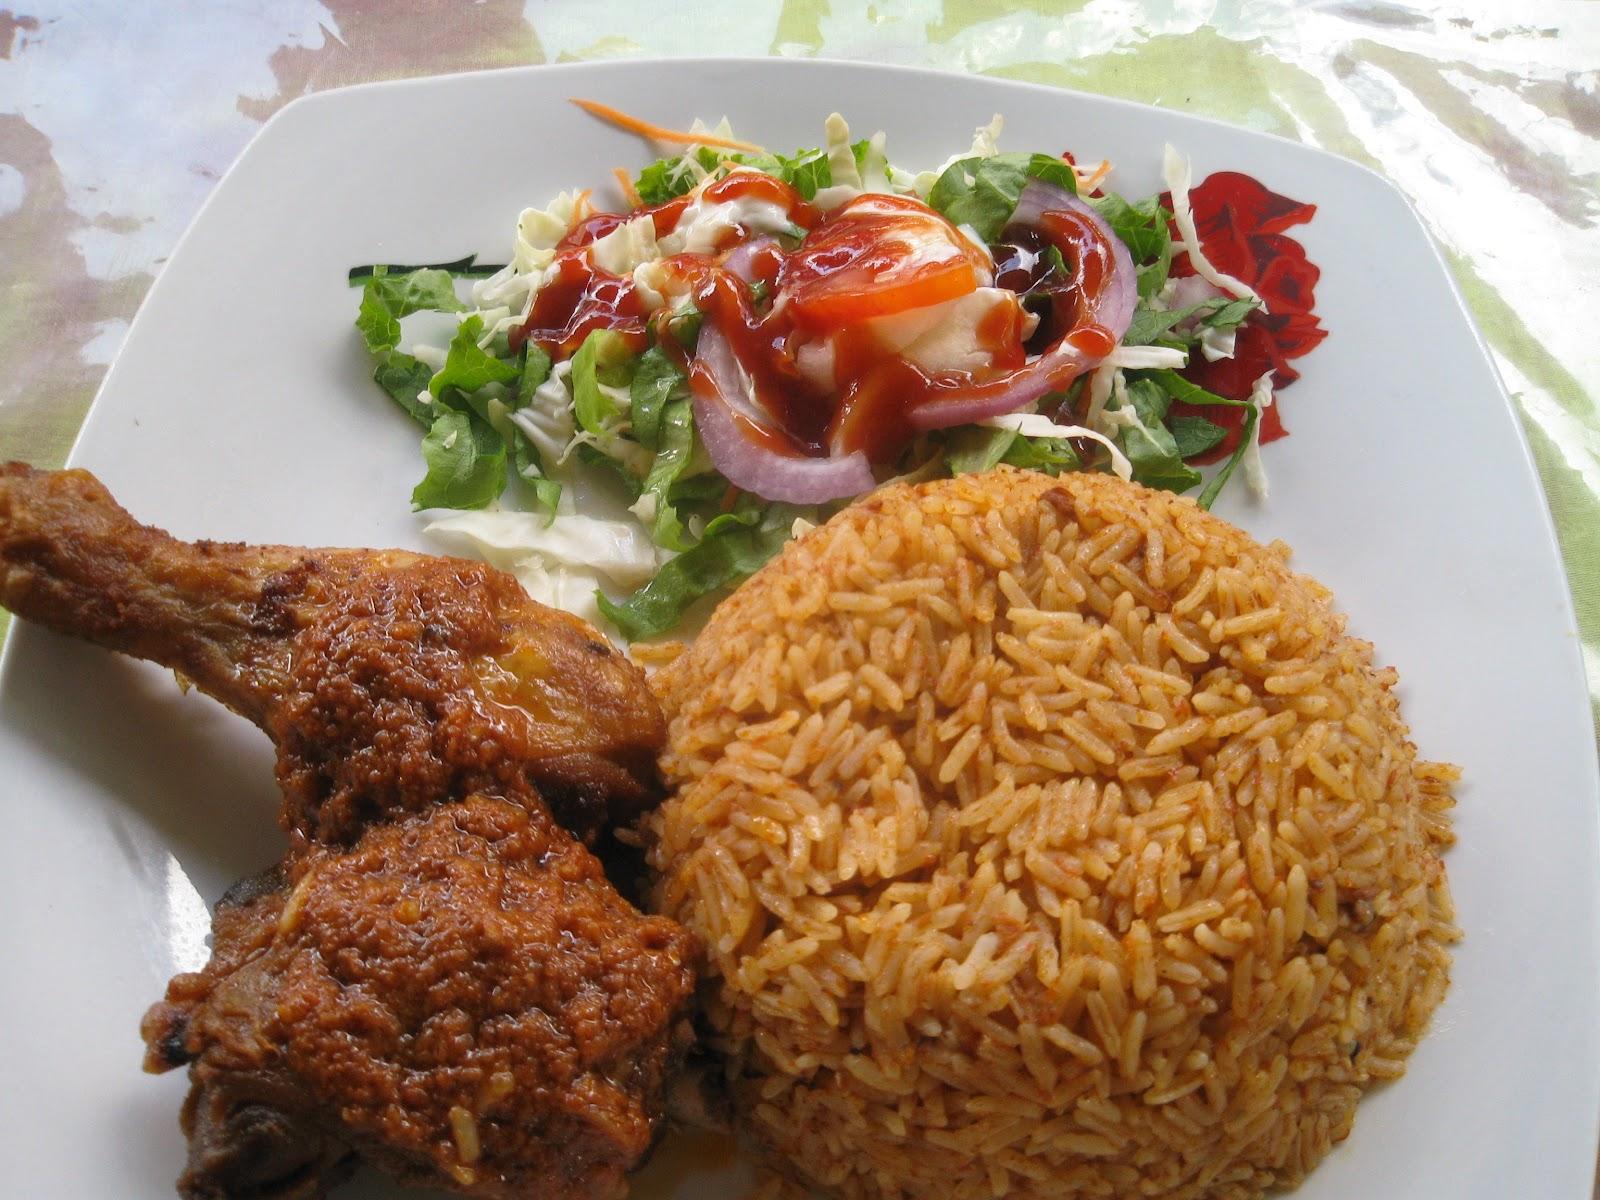 One Week In Ghana Top 5 Lessons